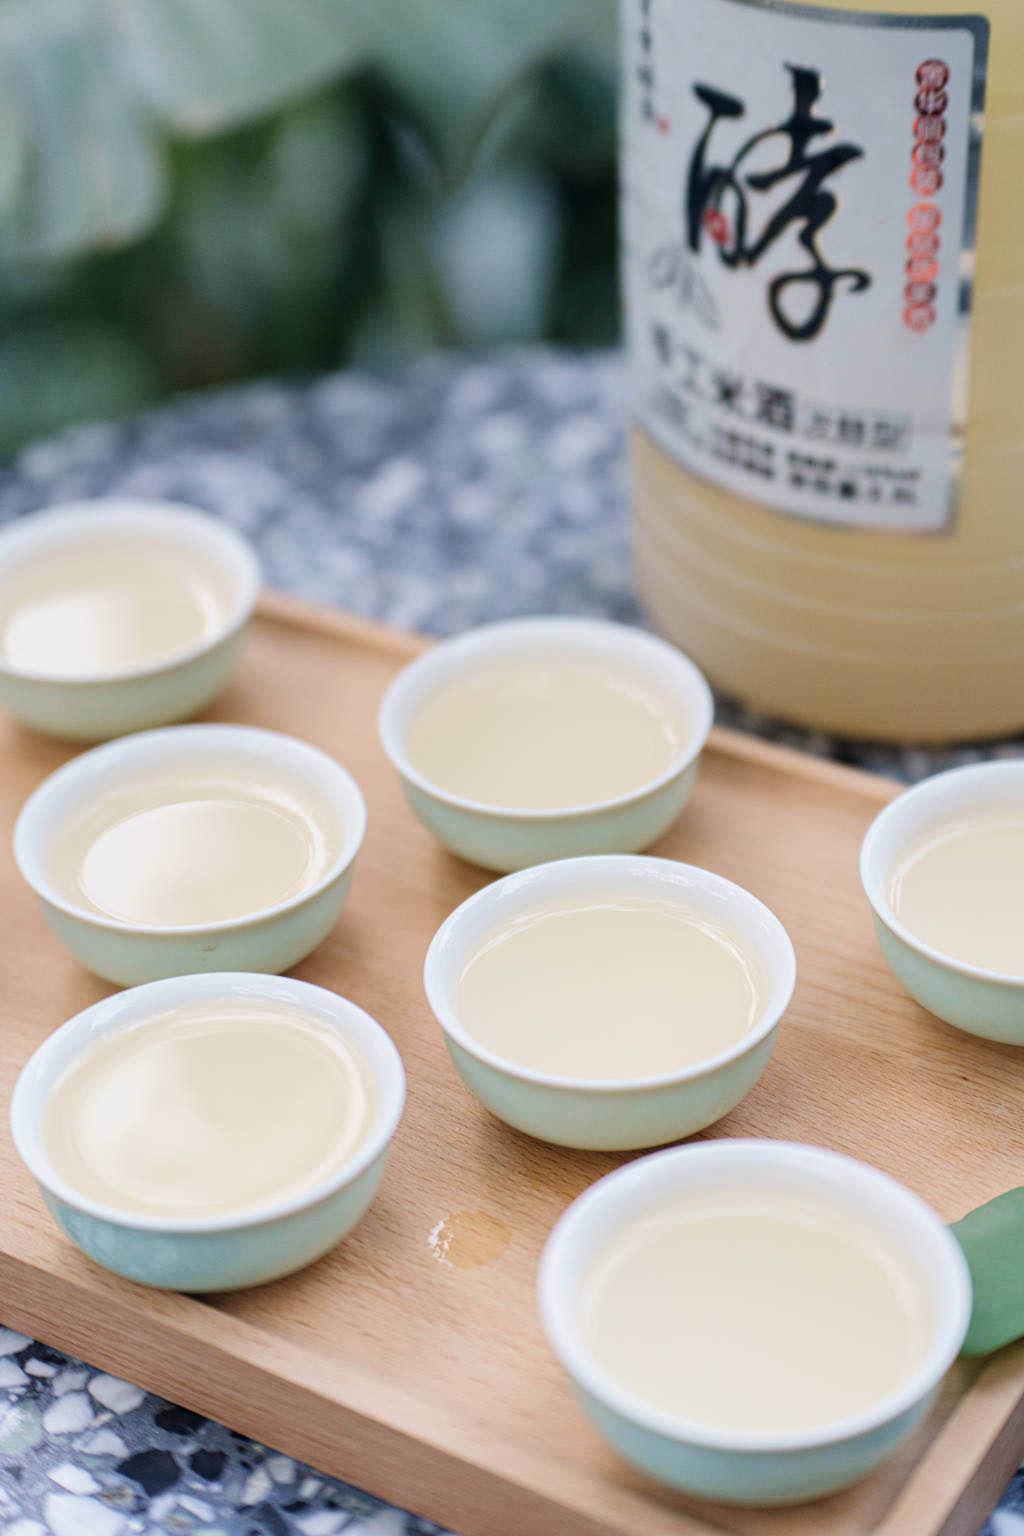 5L 精酿米酒